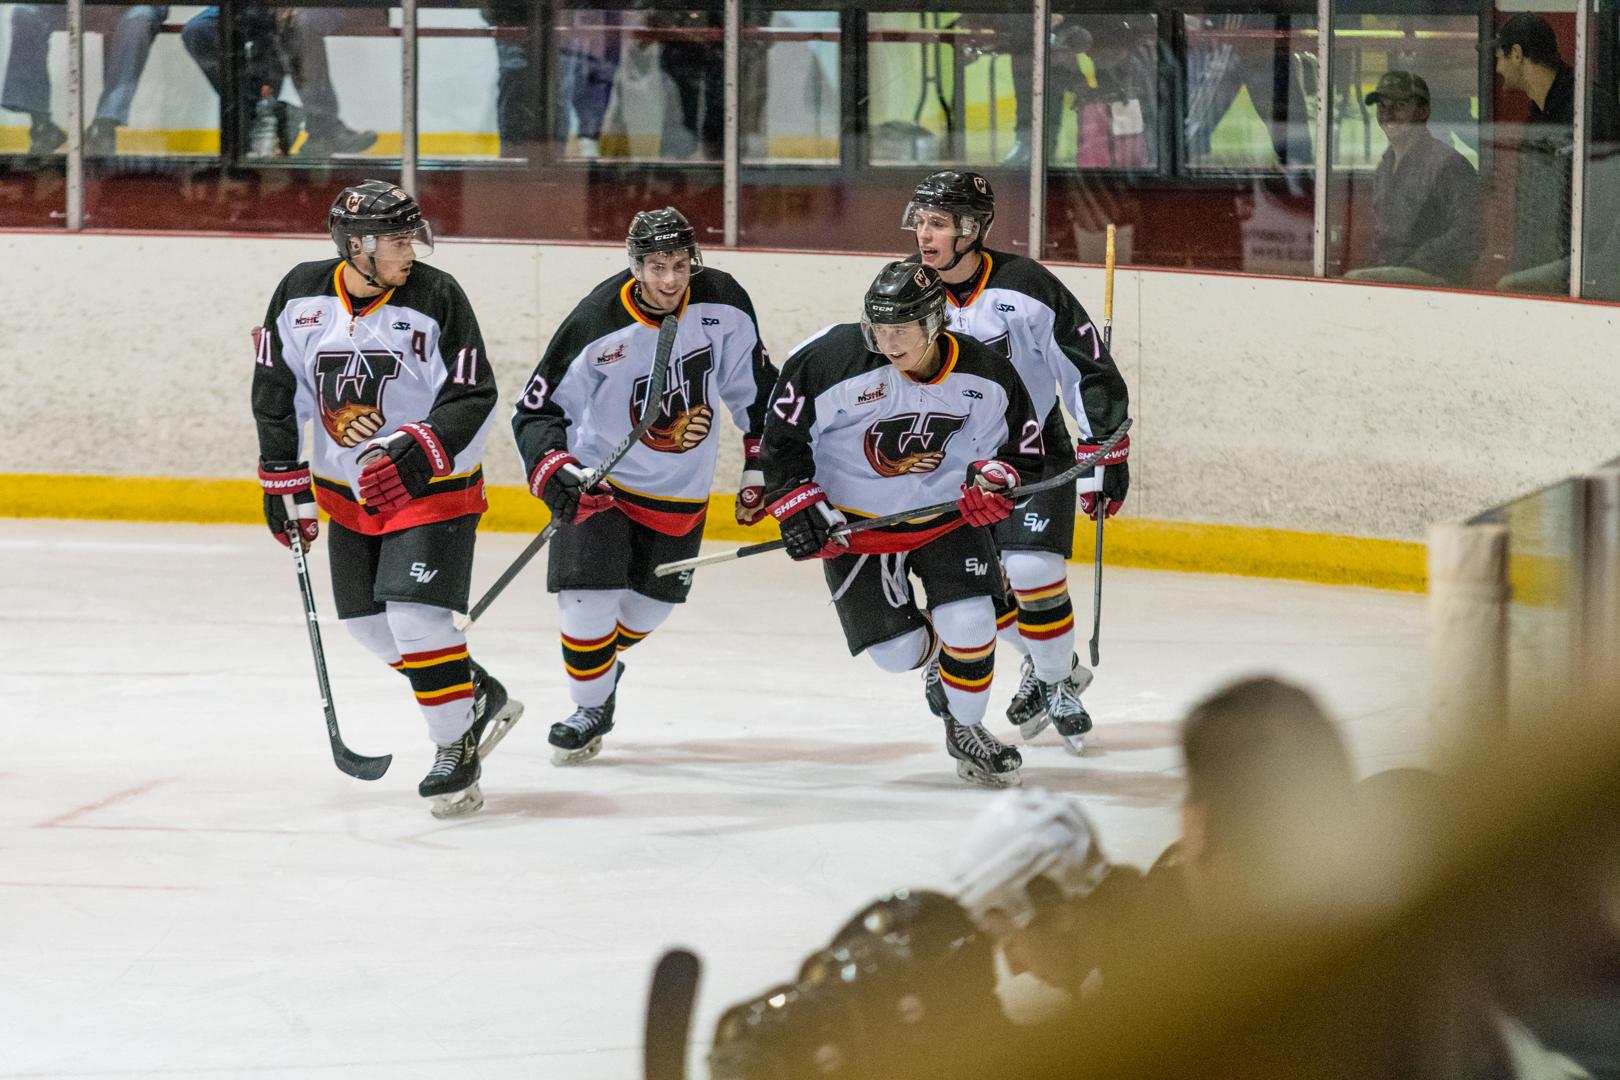 2017 10 10 Rossburn Hockey-357.jpg